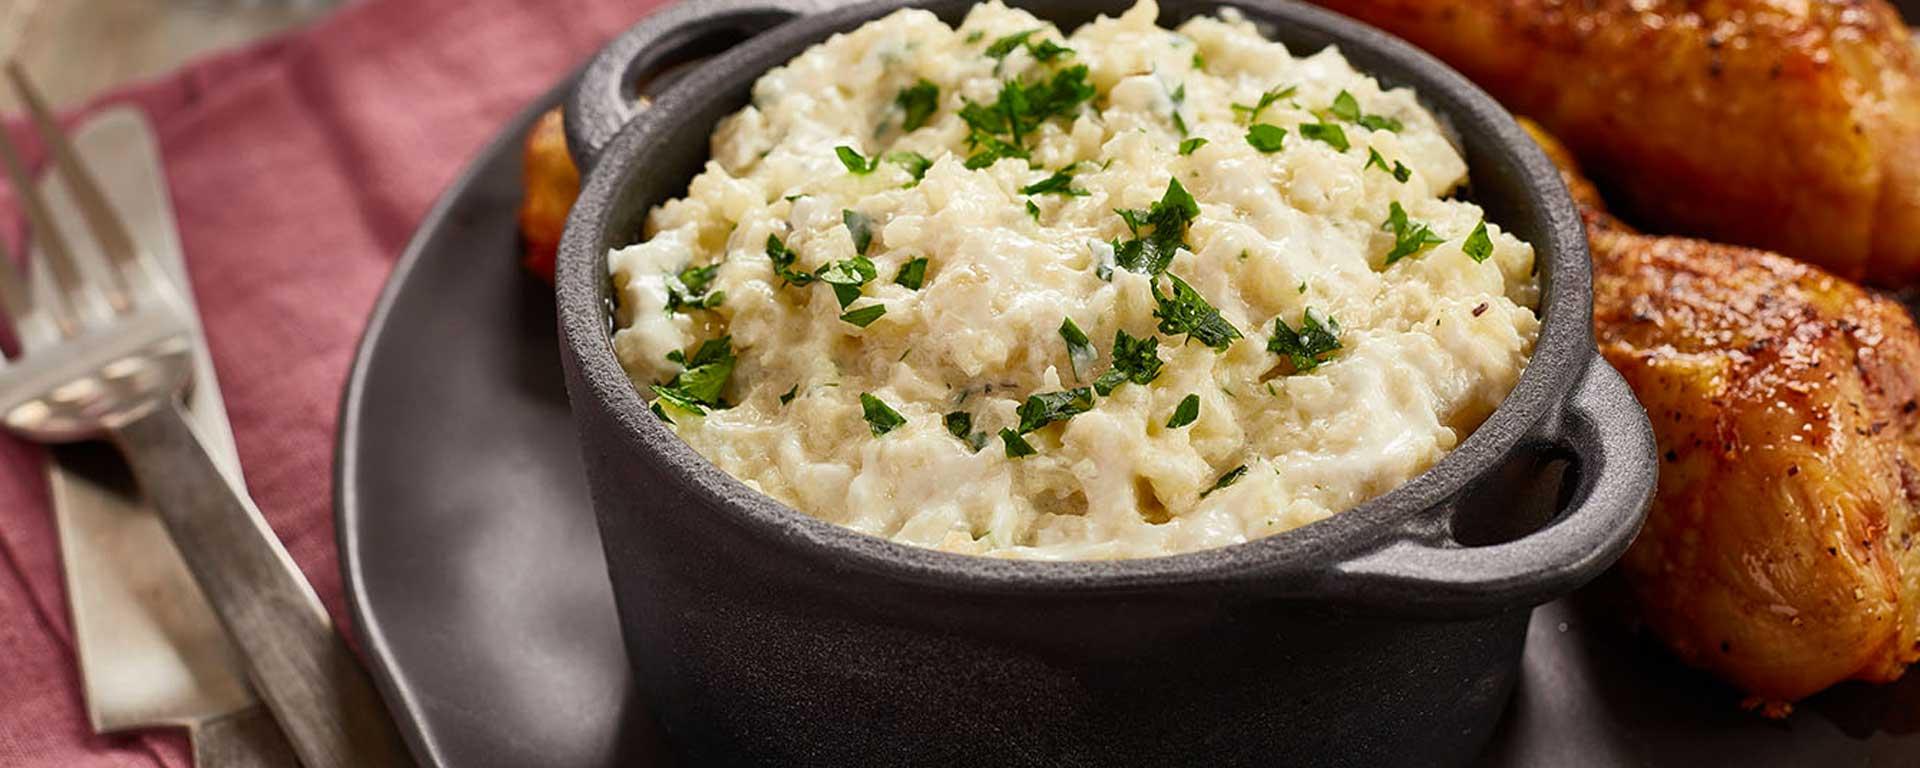 Photo for - Creamy Cauliflower Risotto